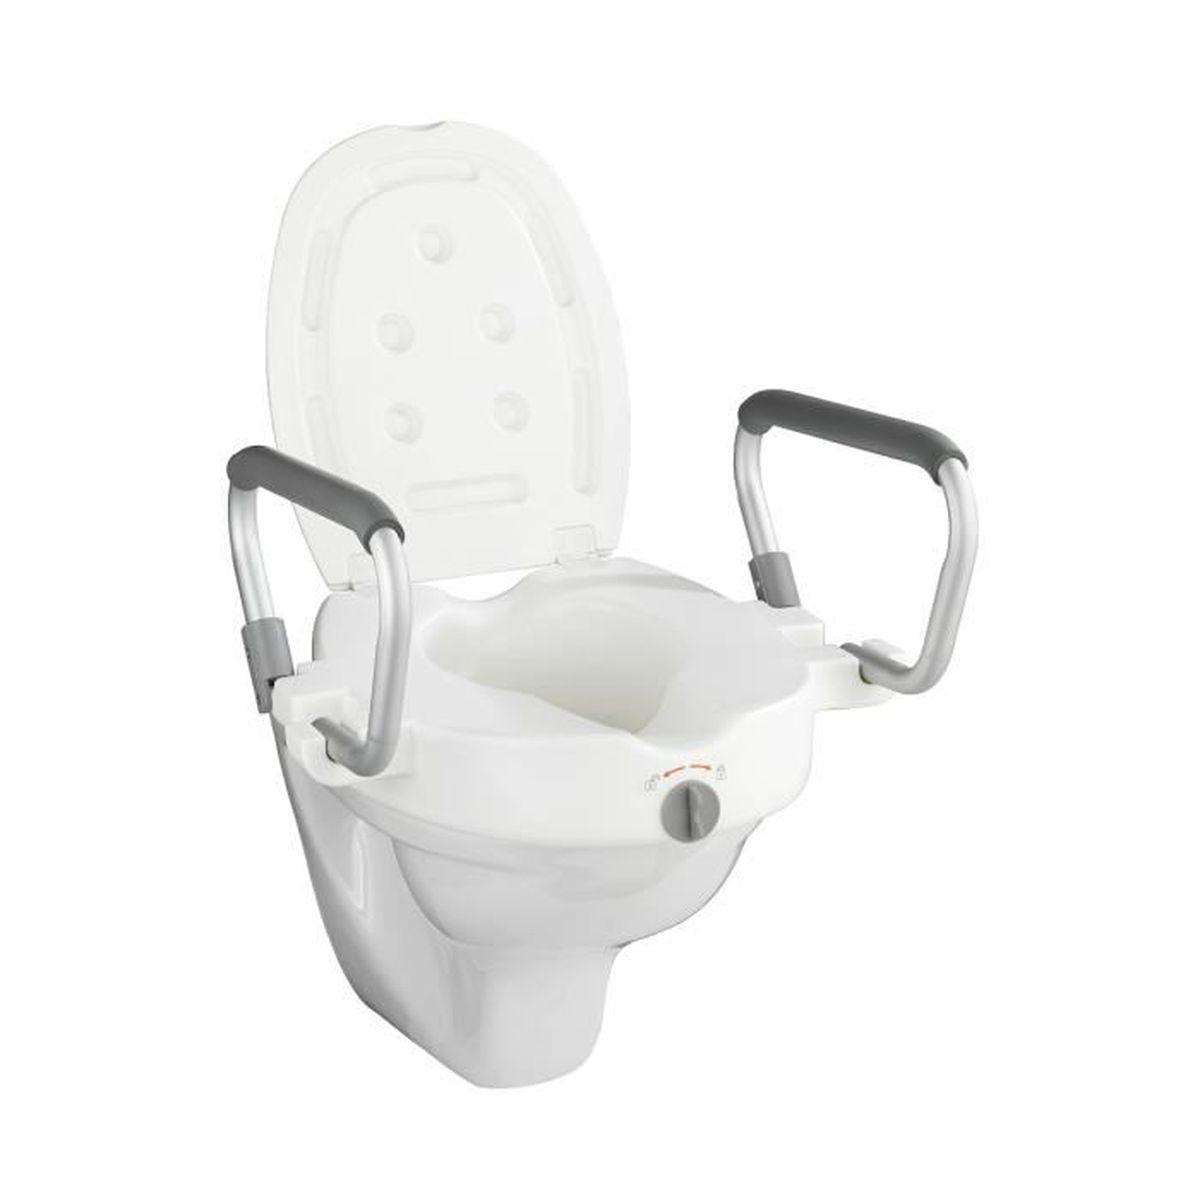 abattant wc avec rehausse achat vente abattant wc avec rehausse pas cher les soldes sur. Black Bedroom Furniture Sets. Home Design Ideas